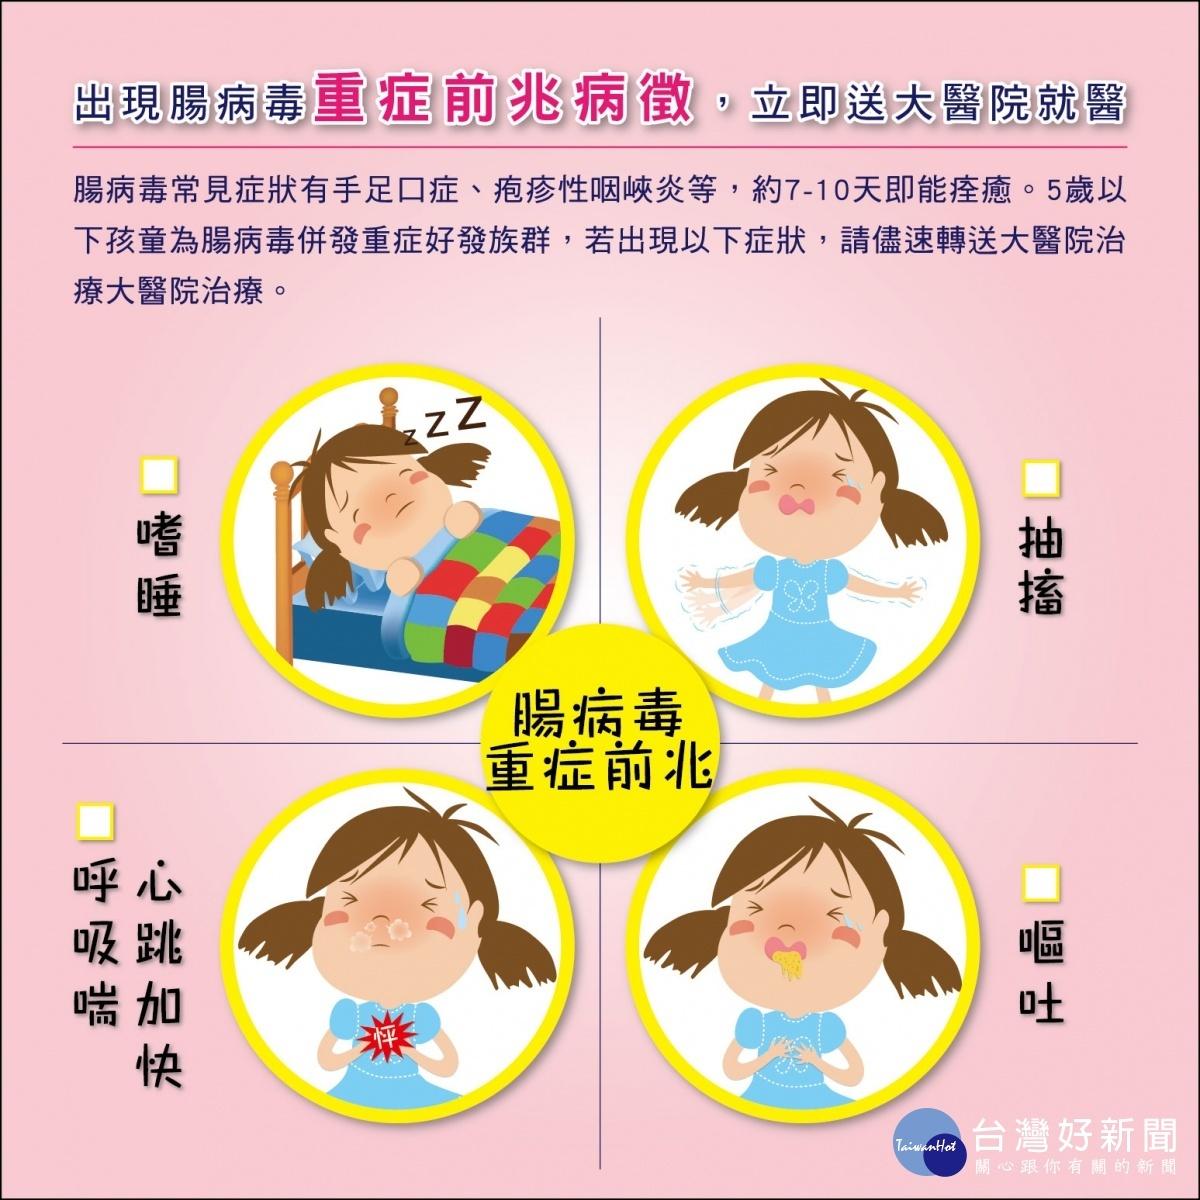 高市新增一例腸病毒71型重症 9個月男童高燒出現紅疹